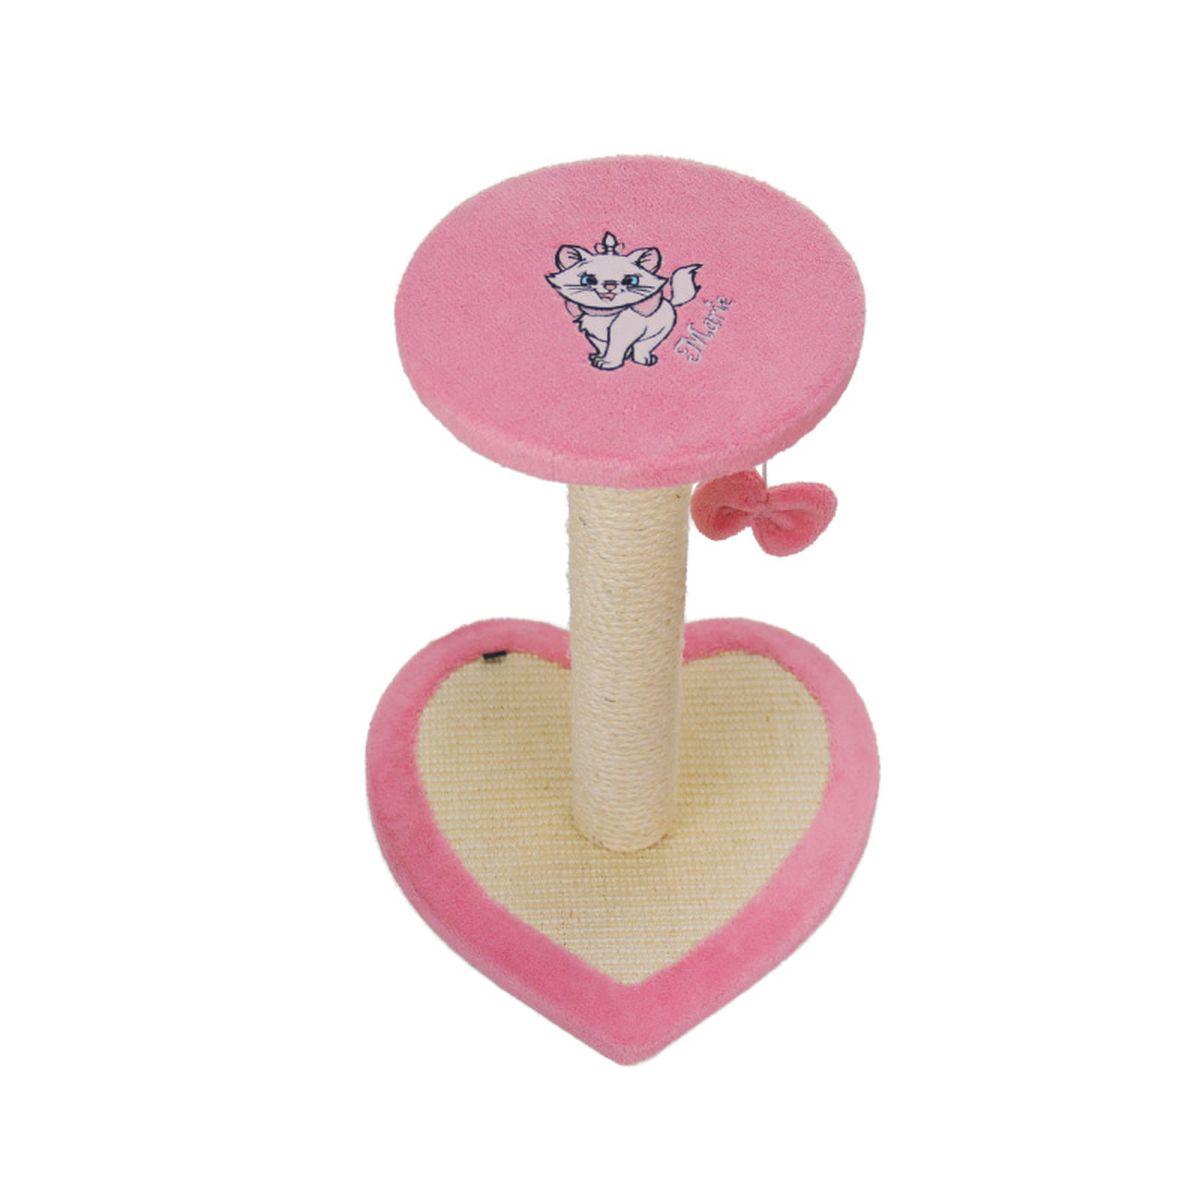 Когтеточка Triol Disney Marie, на подставке, цвет: розовый, 33 х 33 х 45 смWD2003Яркая и нарядная когтеточка Triol Disney со знаменитой белой кошечкой Marie. Когтеточки жизненно необходимы кошкам не только для стачивания отрастающих и меняющихся когтей. Это также средство релаксации, так как в процессе когтедрания у кошки вырабатывается гормон удовольствия, который помогает ей противостоять каждодневным стрессам. С помощью когтеточек TRIOL Disney пушистый хищник может точить когти о столбик, оплетенный сизалем, а также об основание в форме сердца, на верхнем этаже удобно устроить уютный наблюдательный пункт. К когтеточке прикреплена игрушка - меховой бантик, в ваше отсутствие кошка сможет себя развлечь.